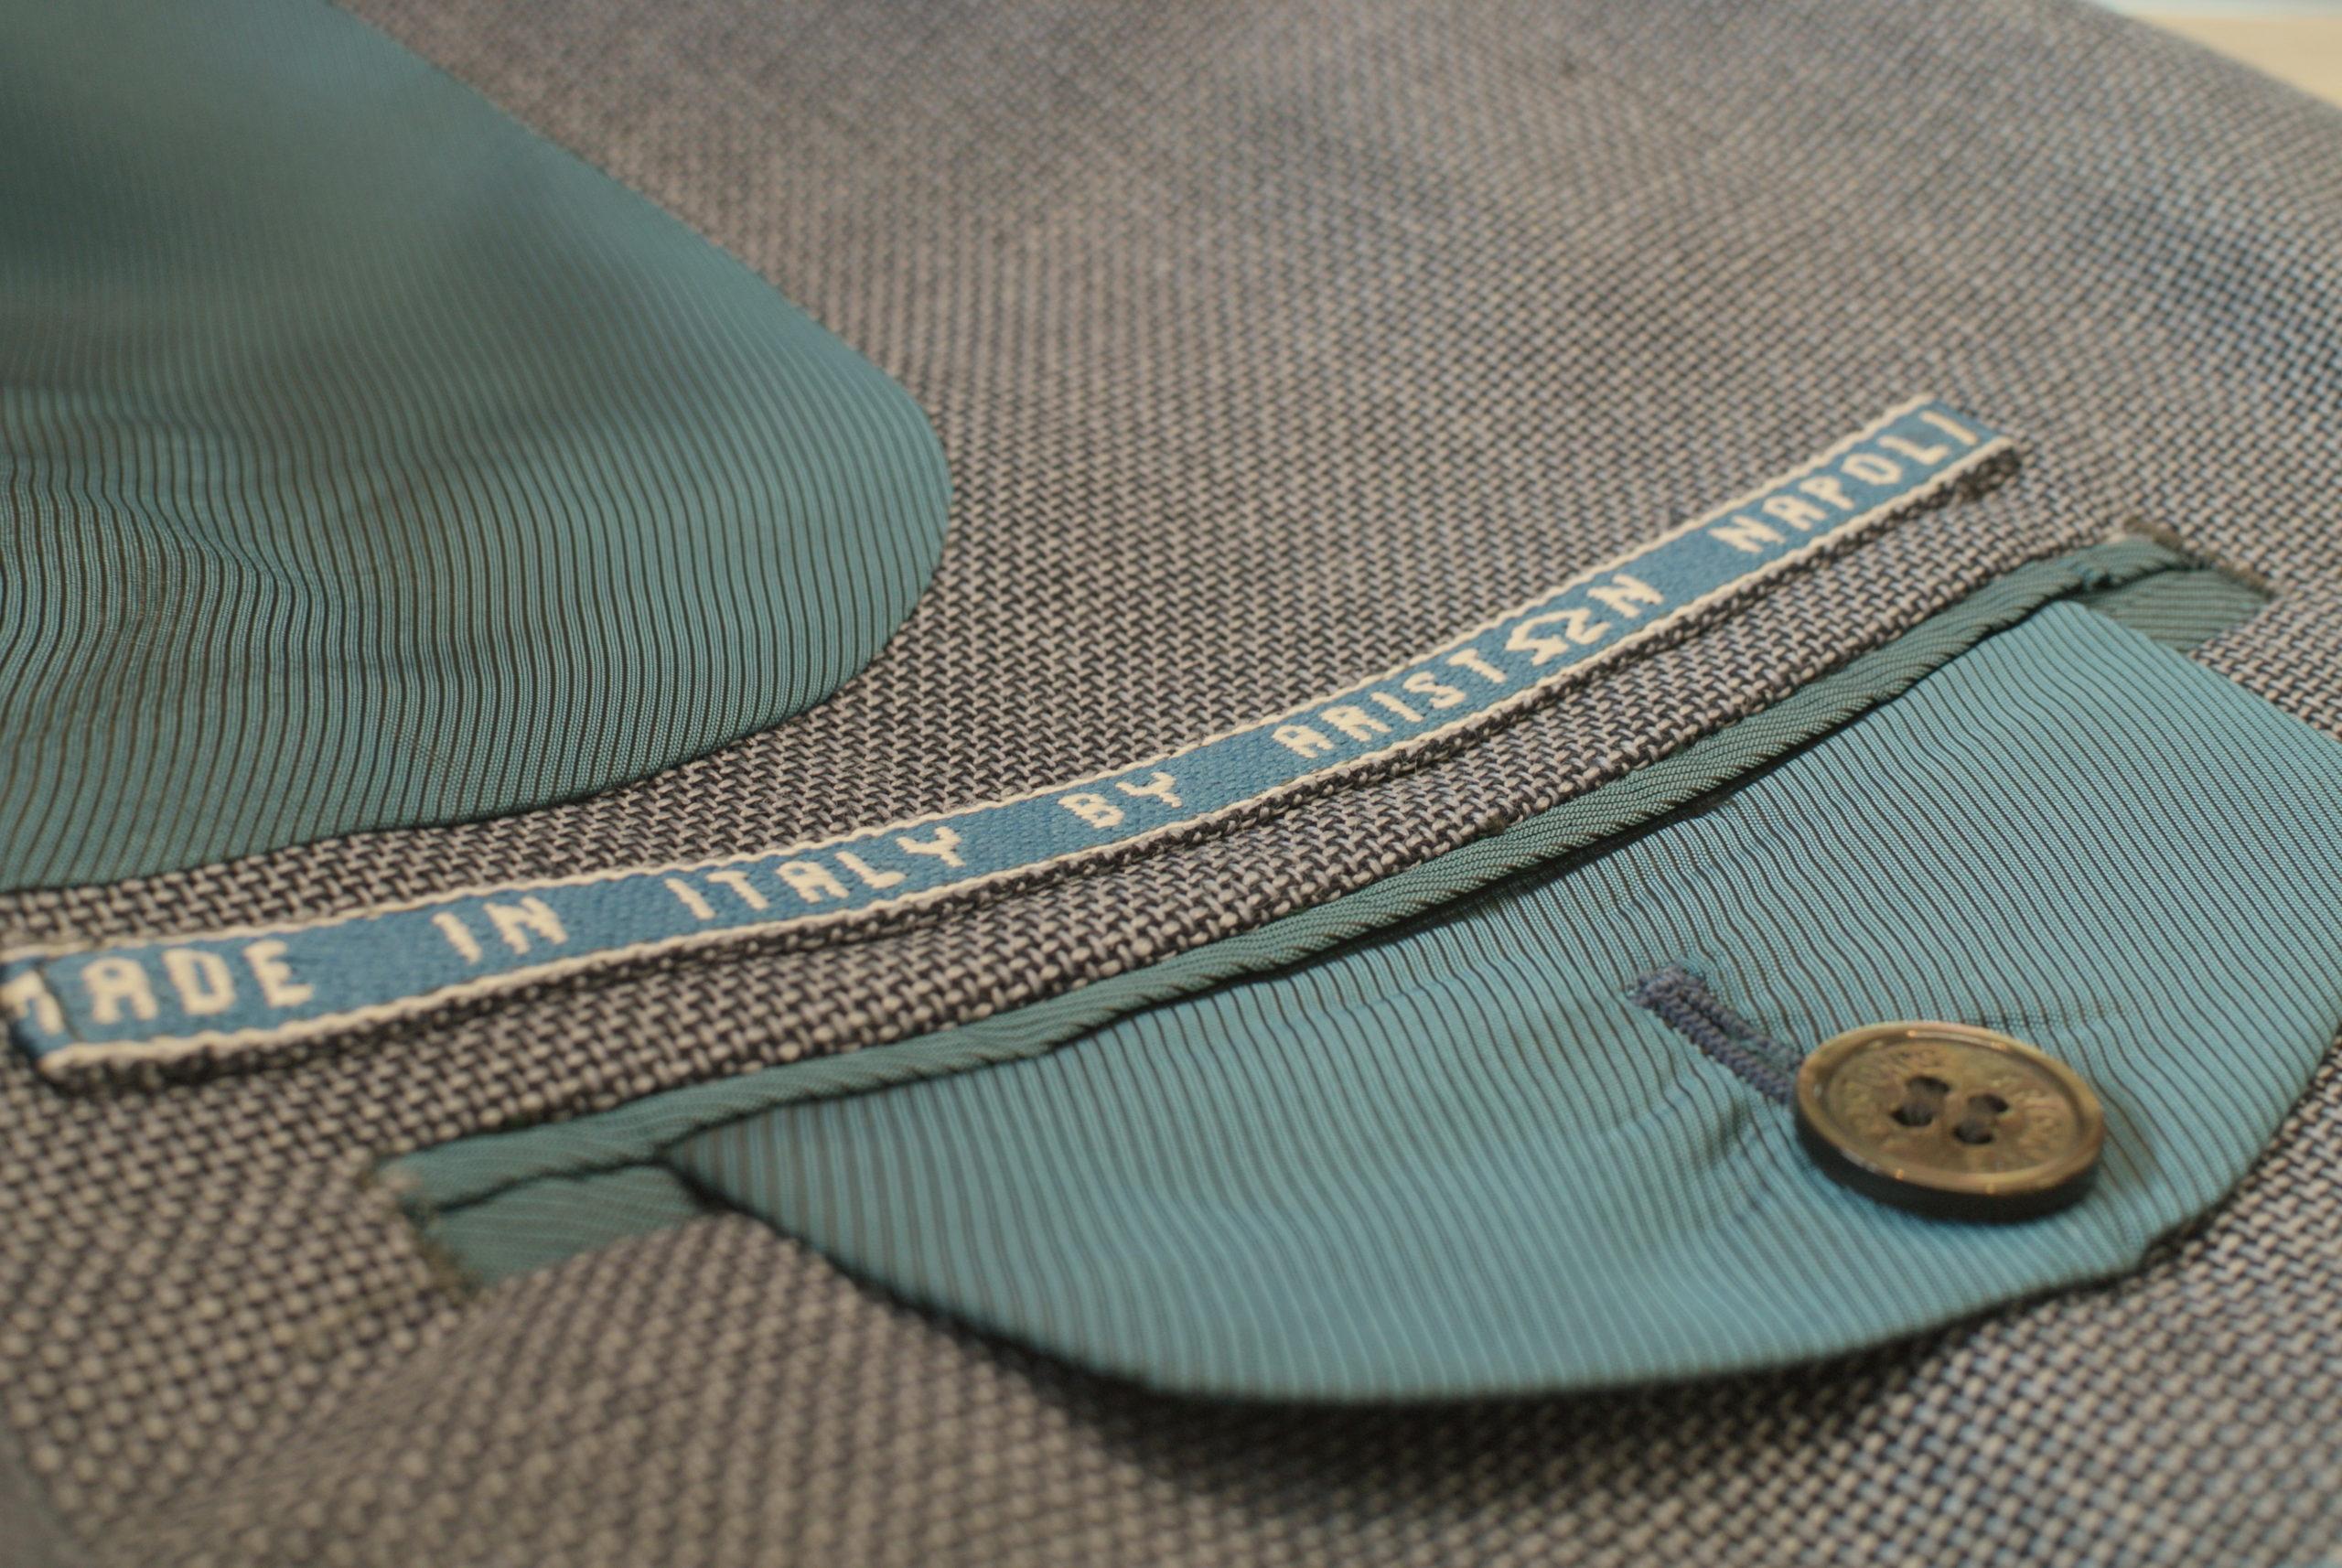 服地にこだわりながら「耳」を使い裏側のお仕立てを愉しむ伊・アリストン社ウール&モヘア夏のジャケット